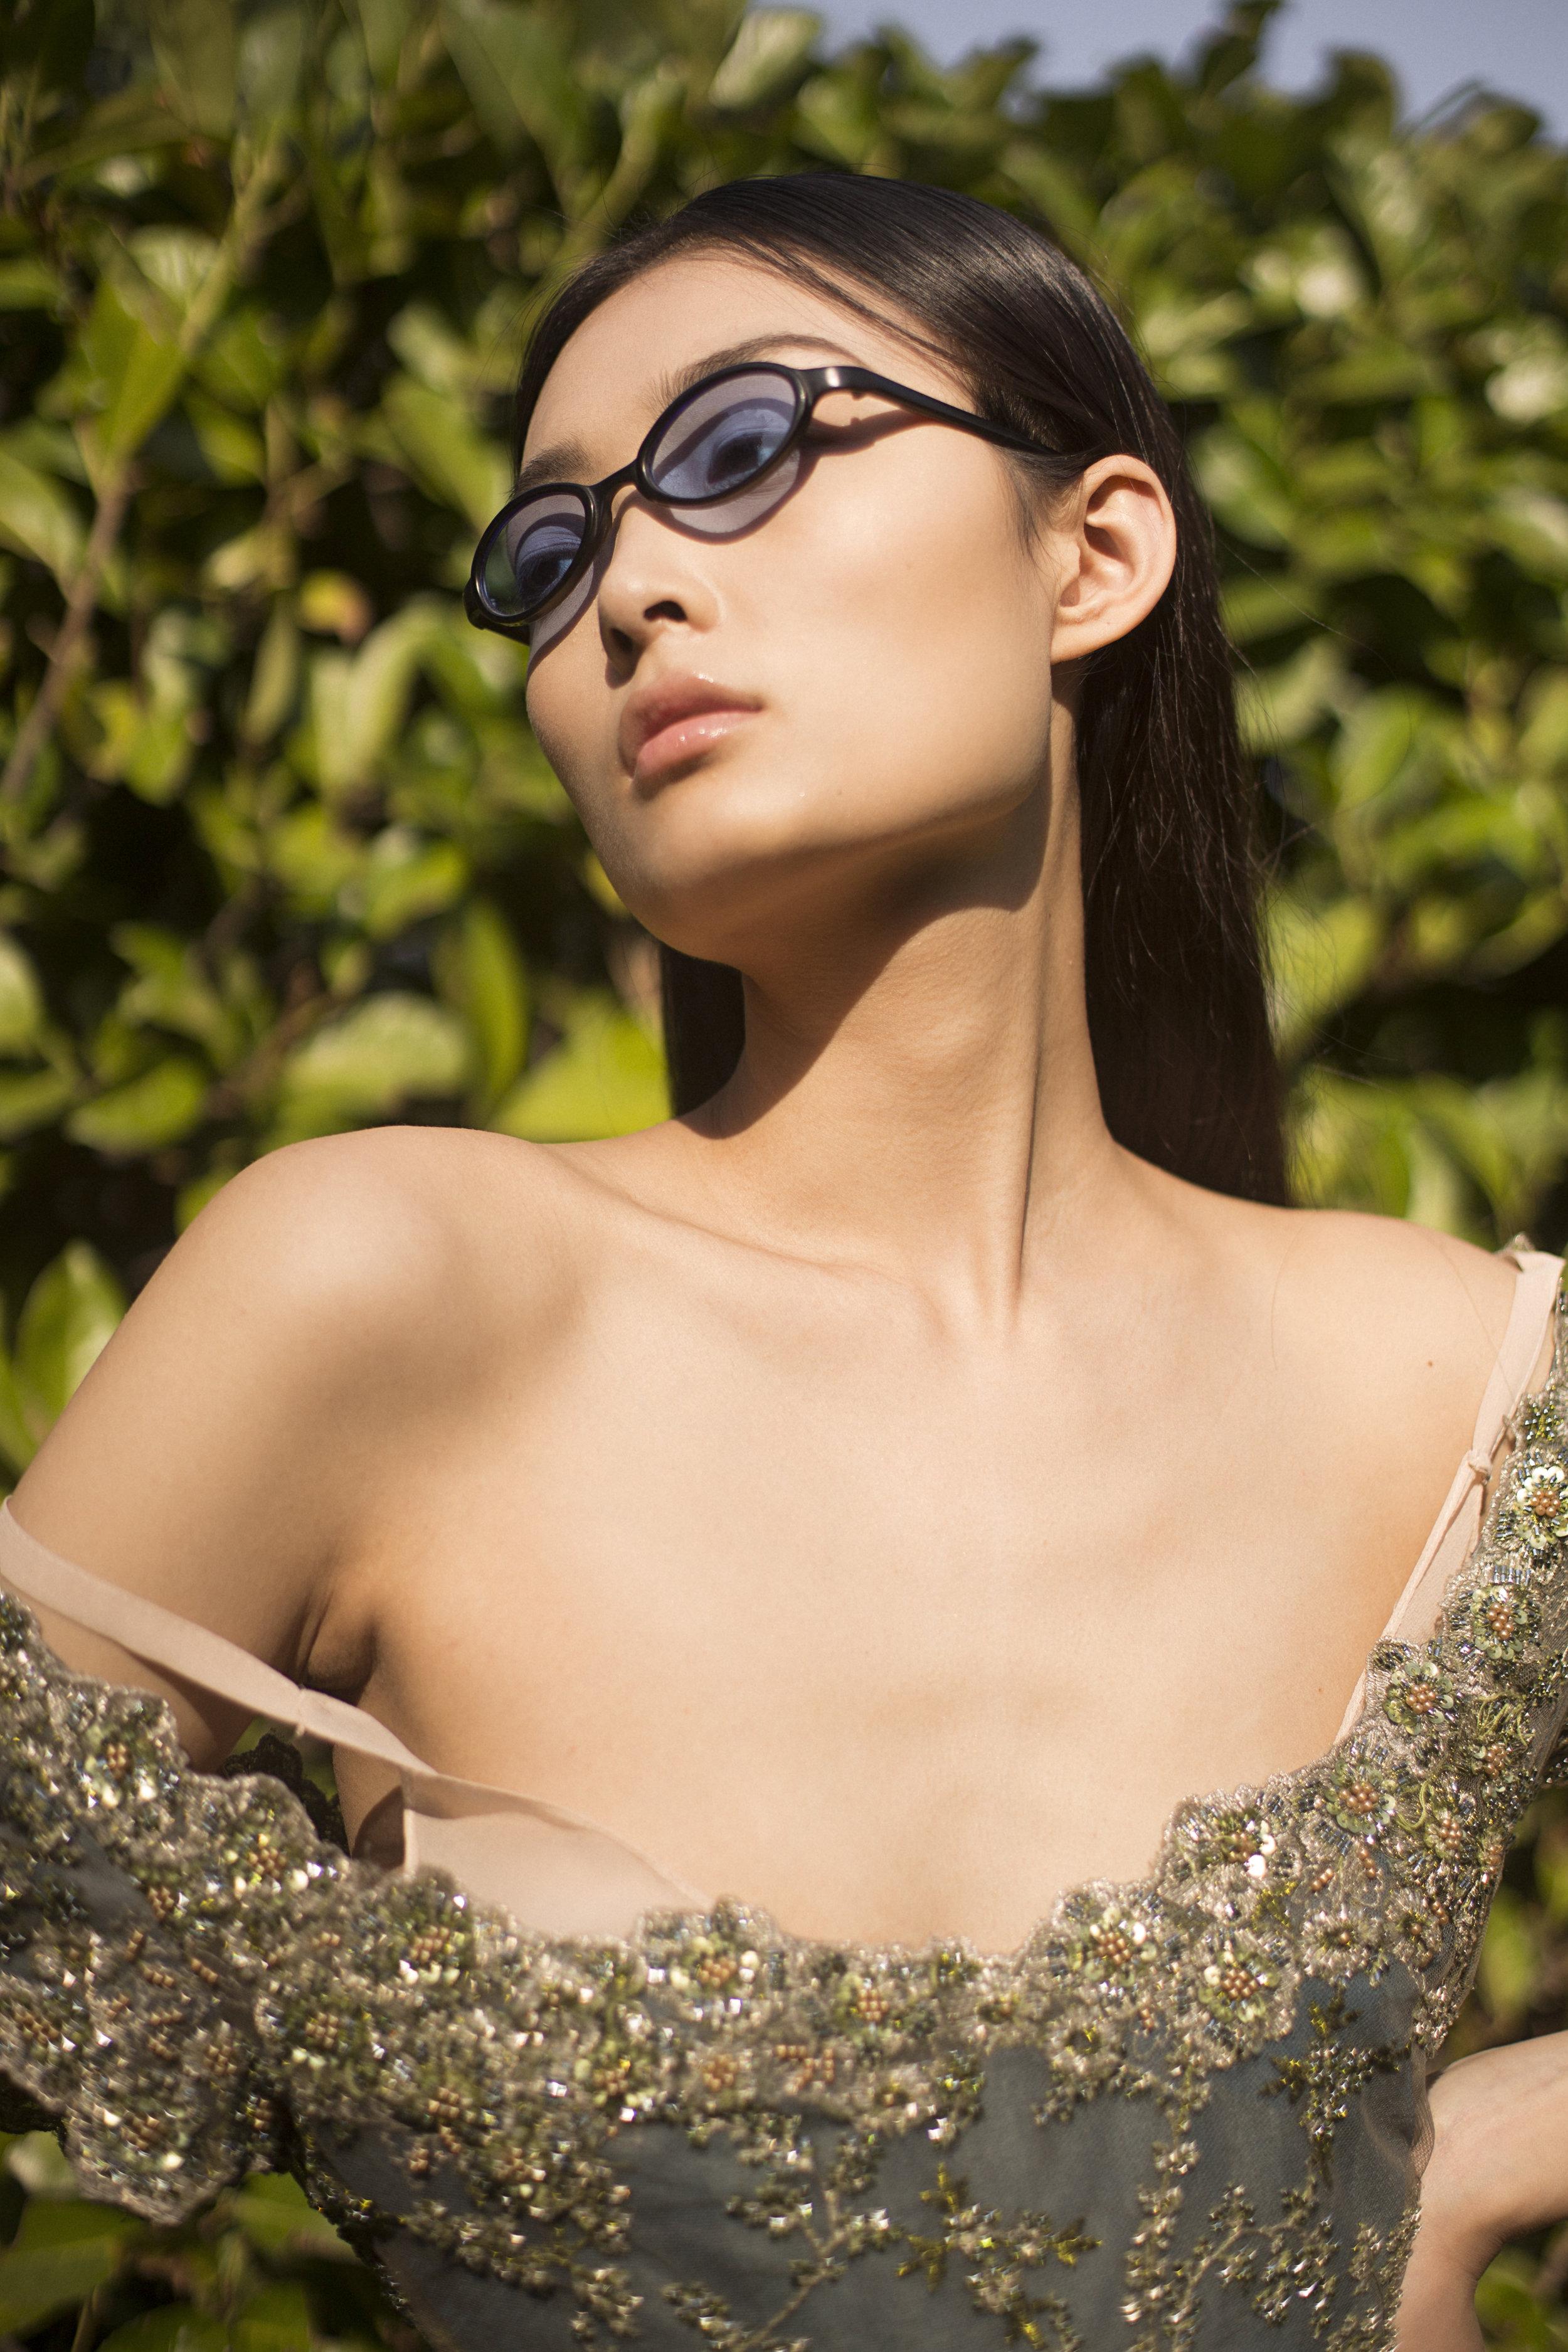 dress LUISA BECCARIA, sunglasses VINTAGE SOVIET